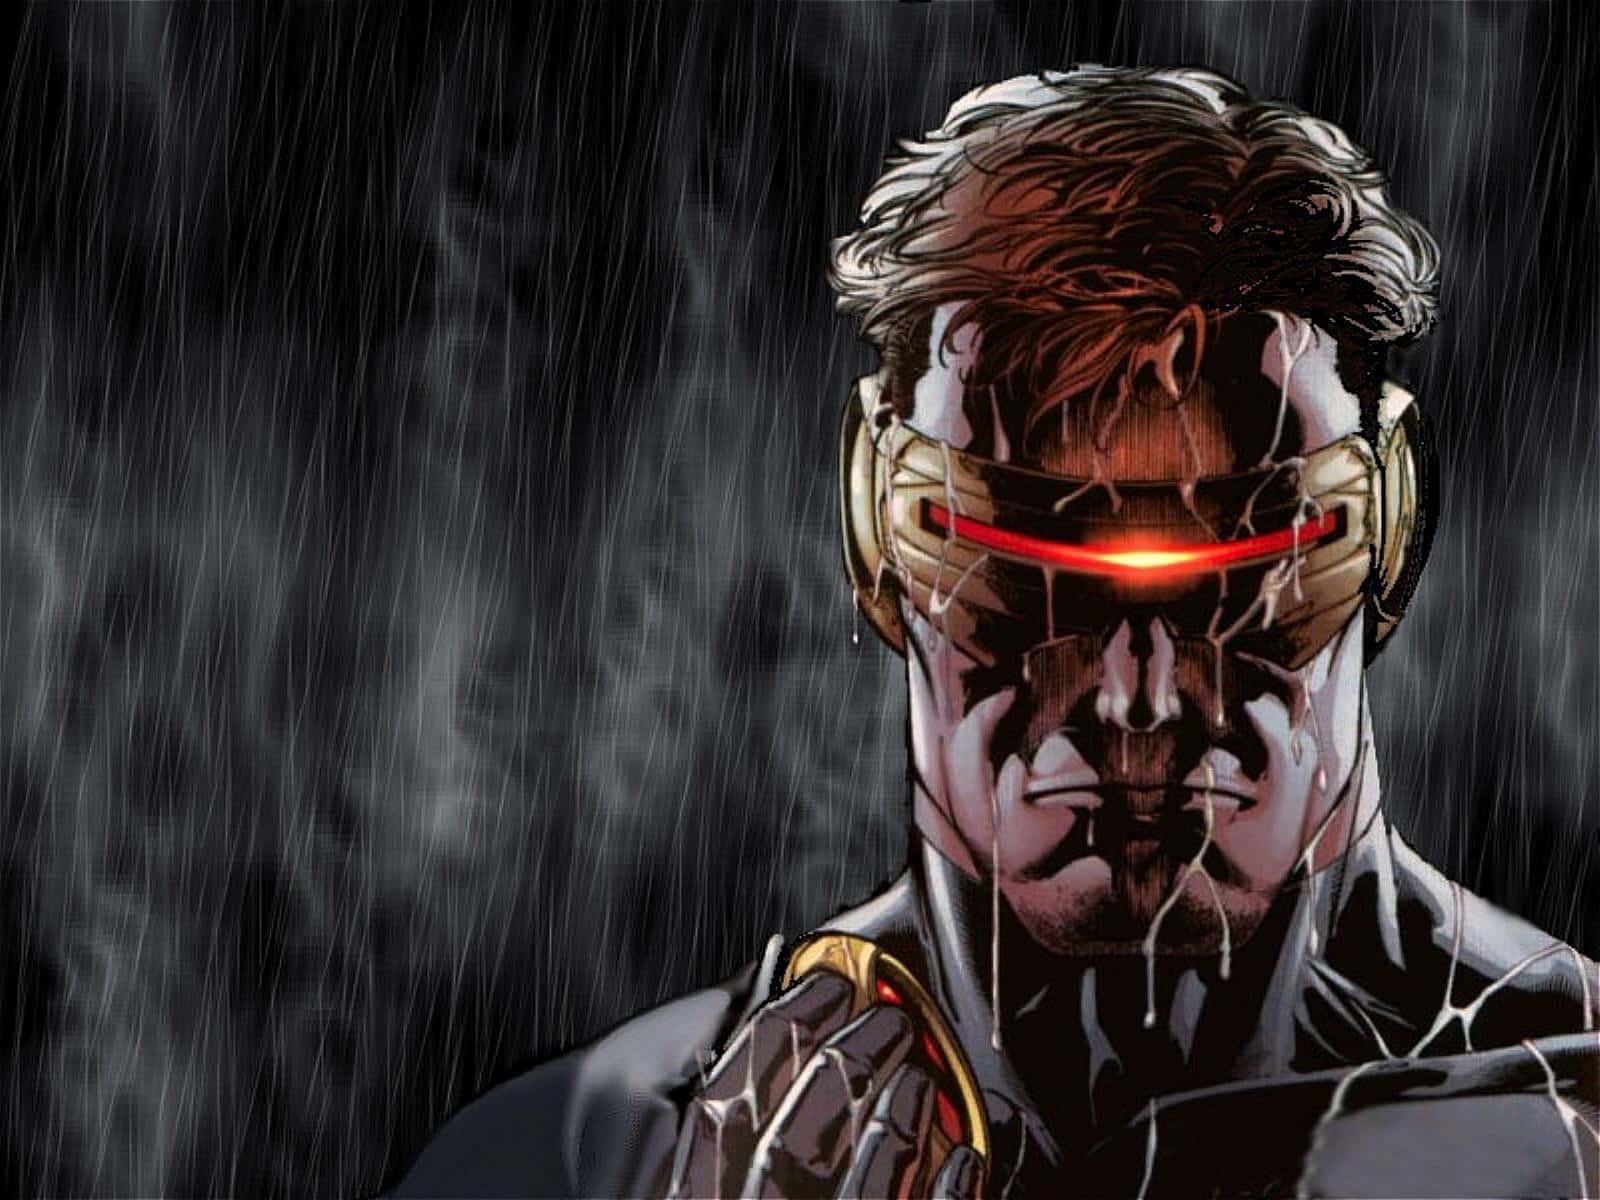 comics_Marvel_Comics_Cyclops_ultimate_x_men_1600x1200